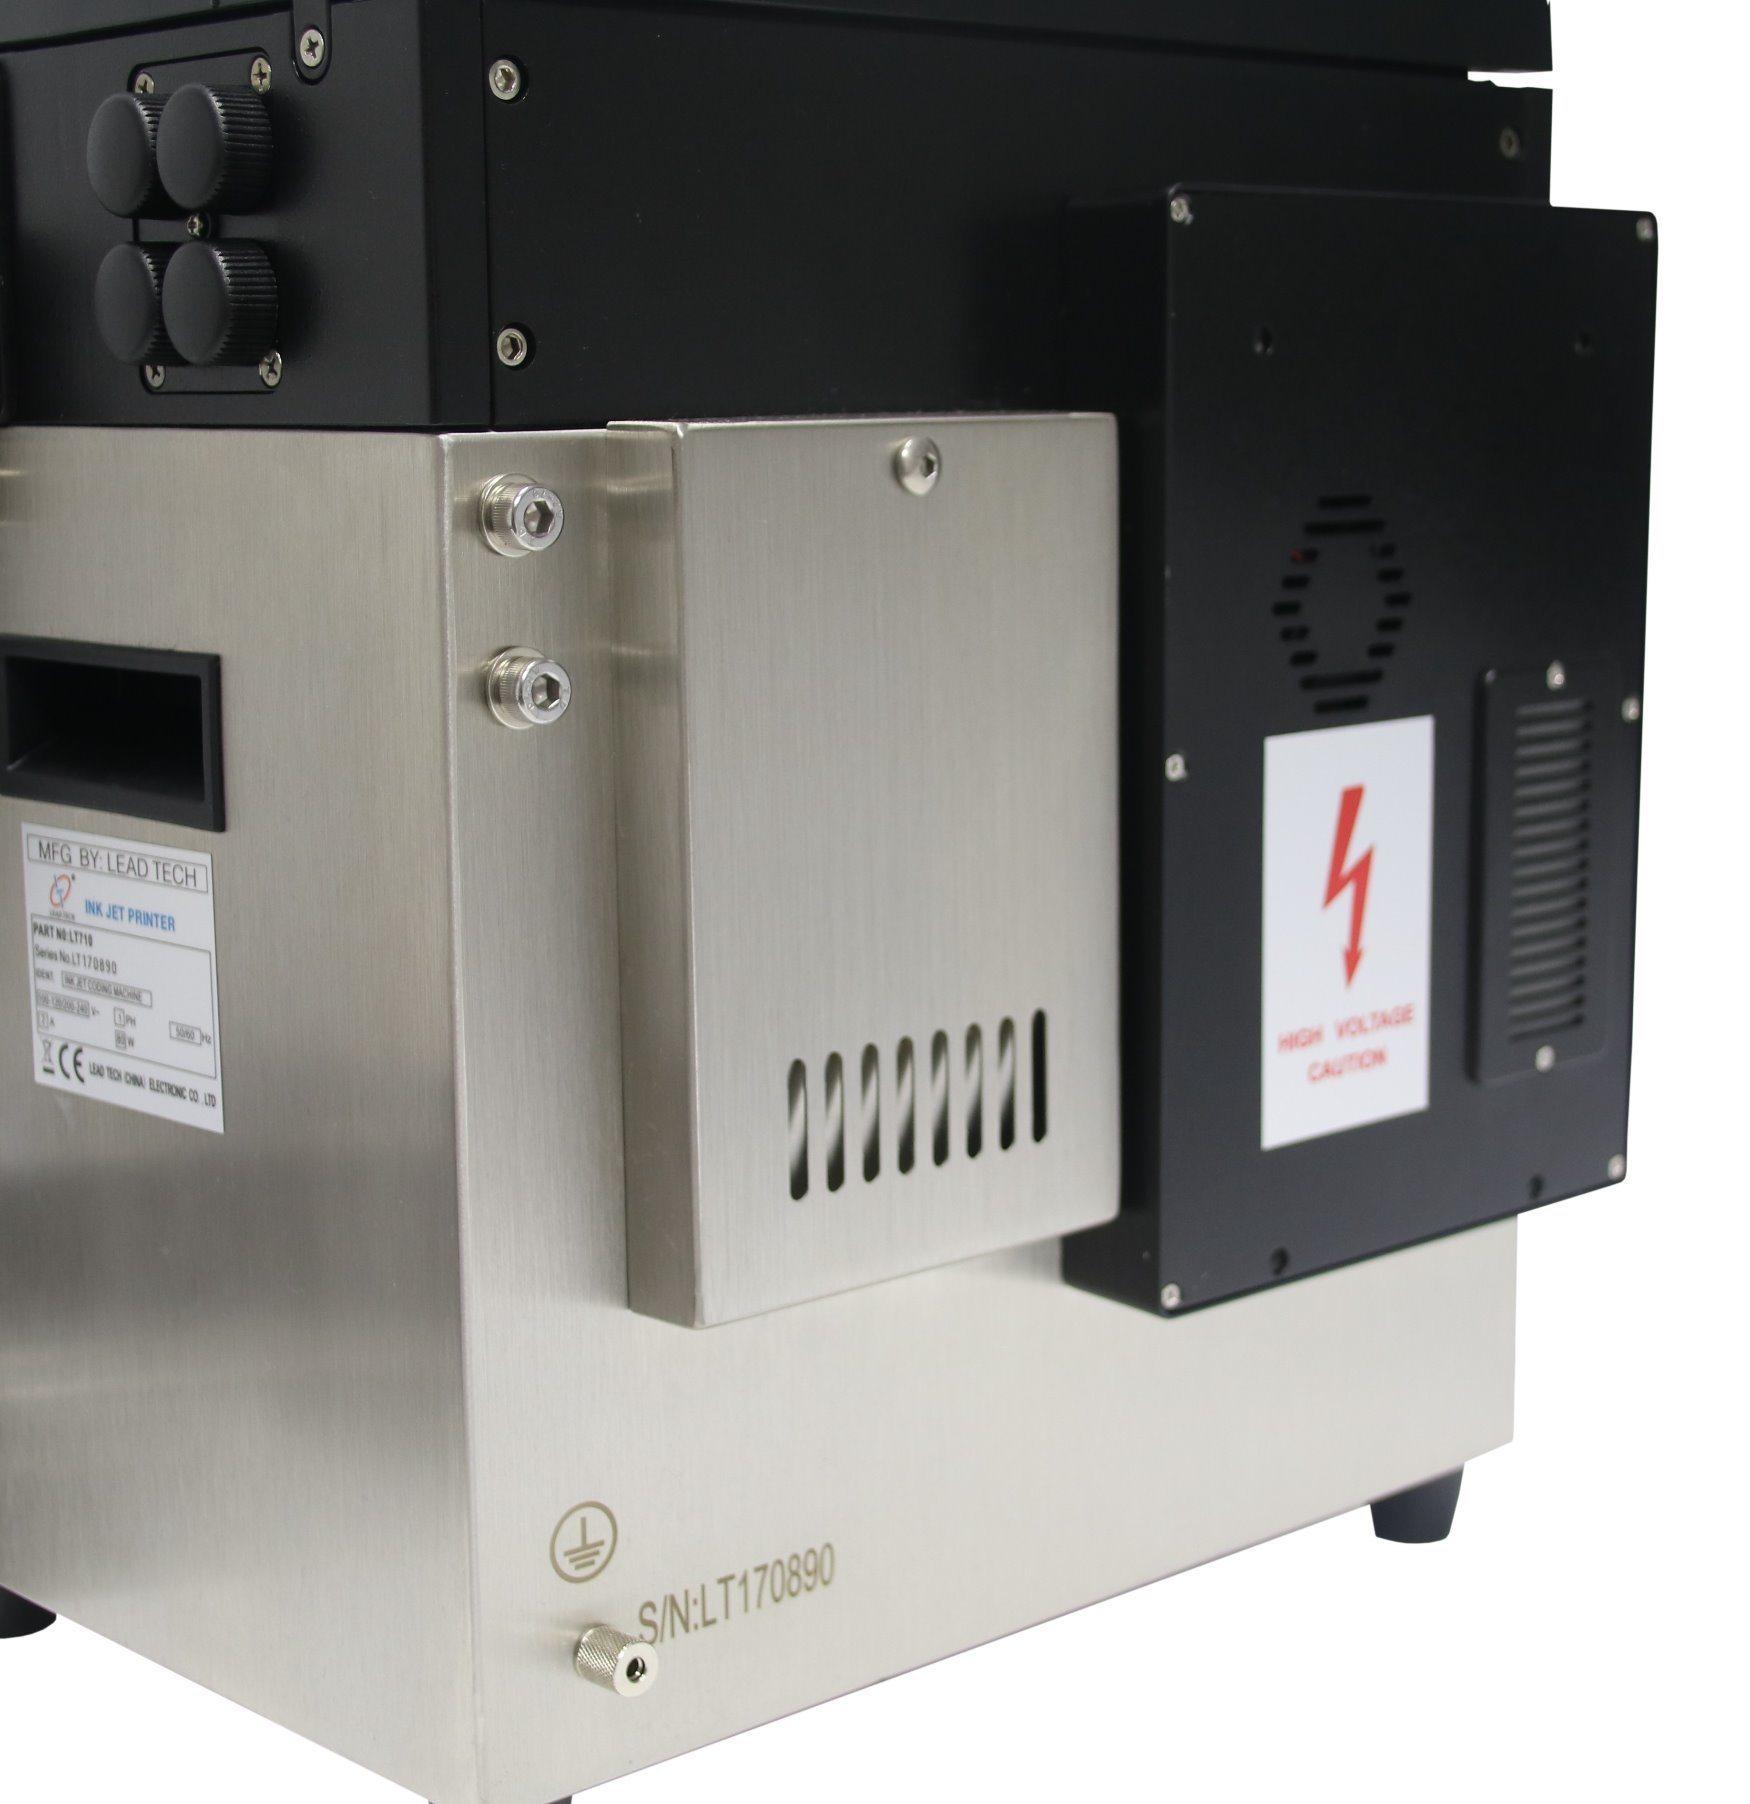 Lead Tech Lt760 Beer Glass Bottle Cij Inkjet Printer